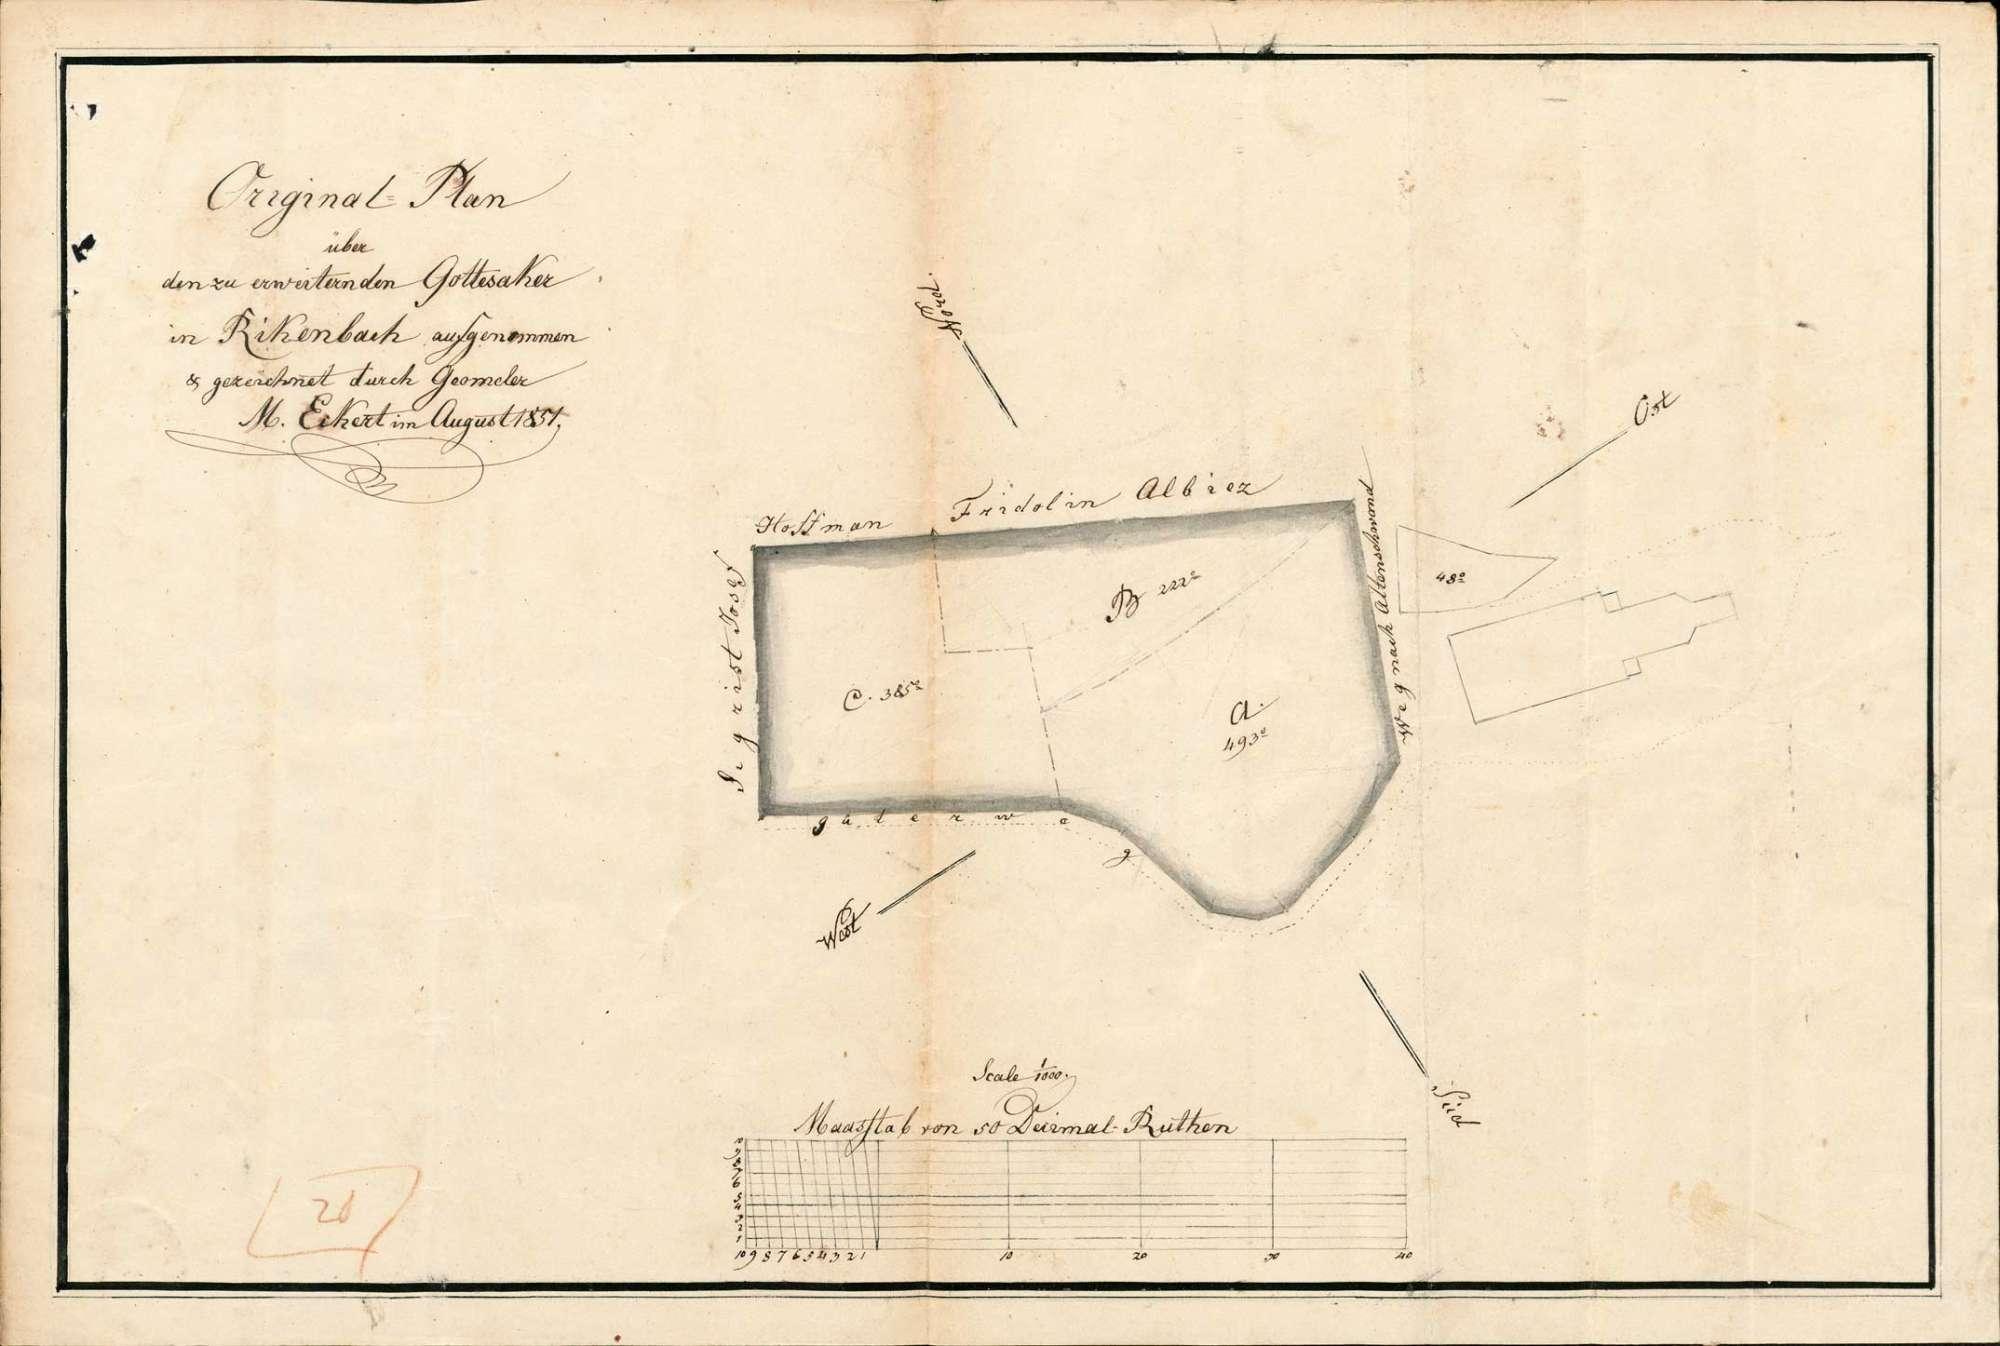 Erweiterung des Friedhofs sowie Herstellung und Unterhaltung der Friedhofsmauer in der Gemeinde Rickenbach, Bild 1